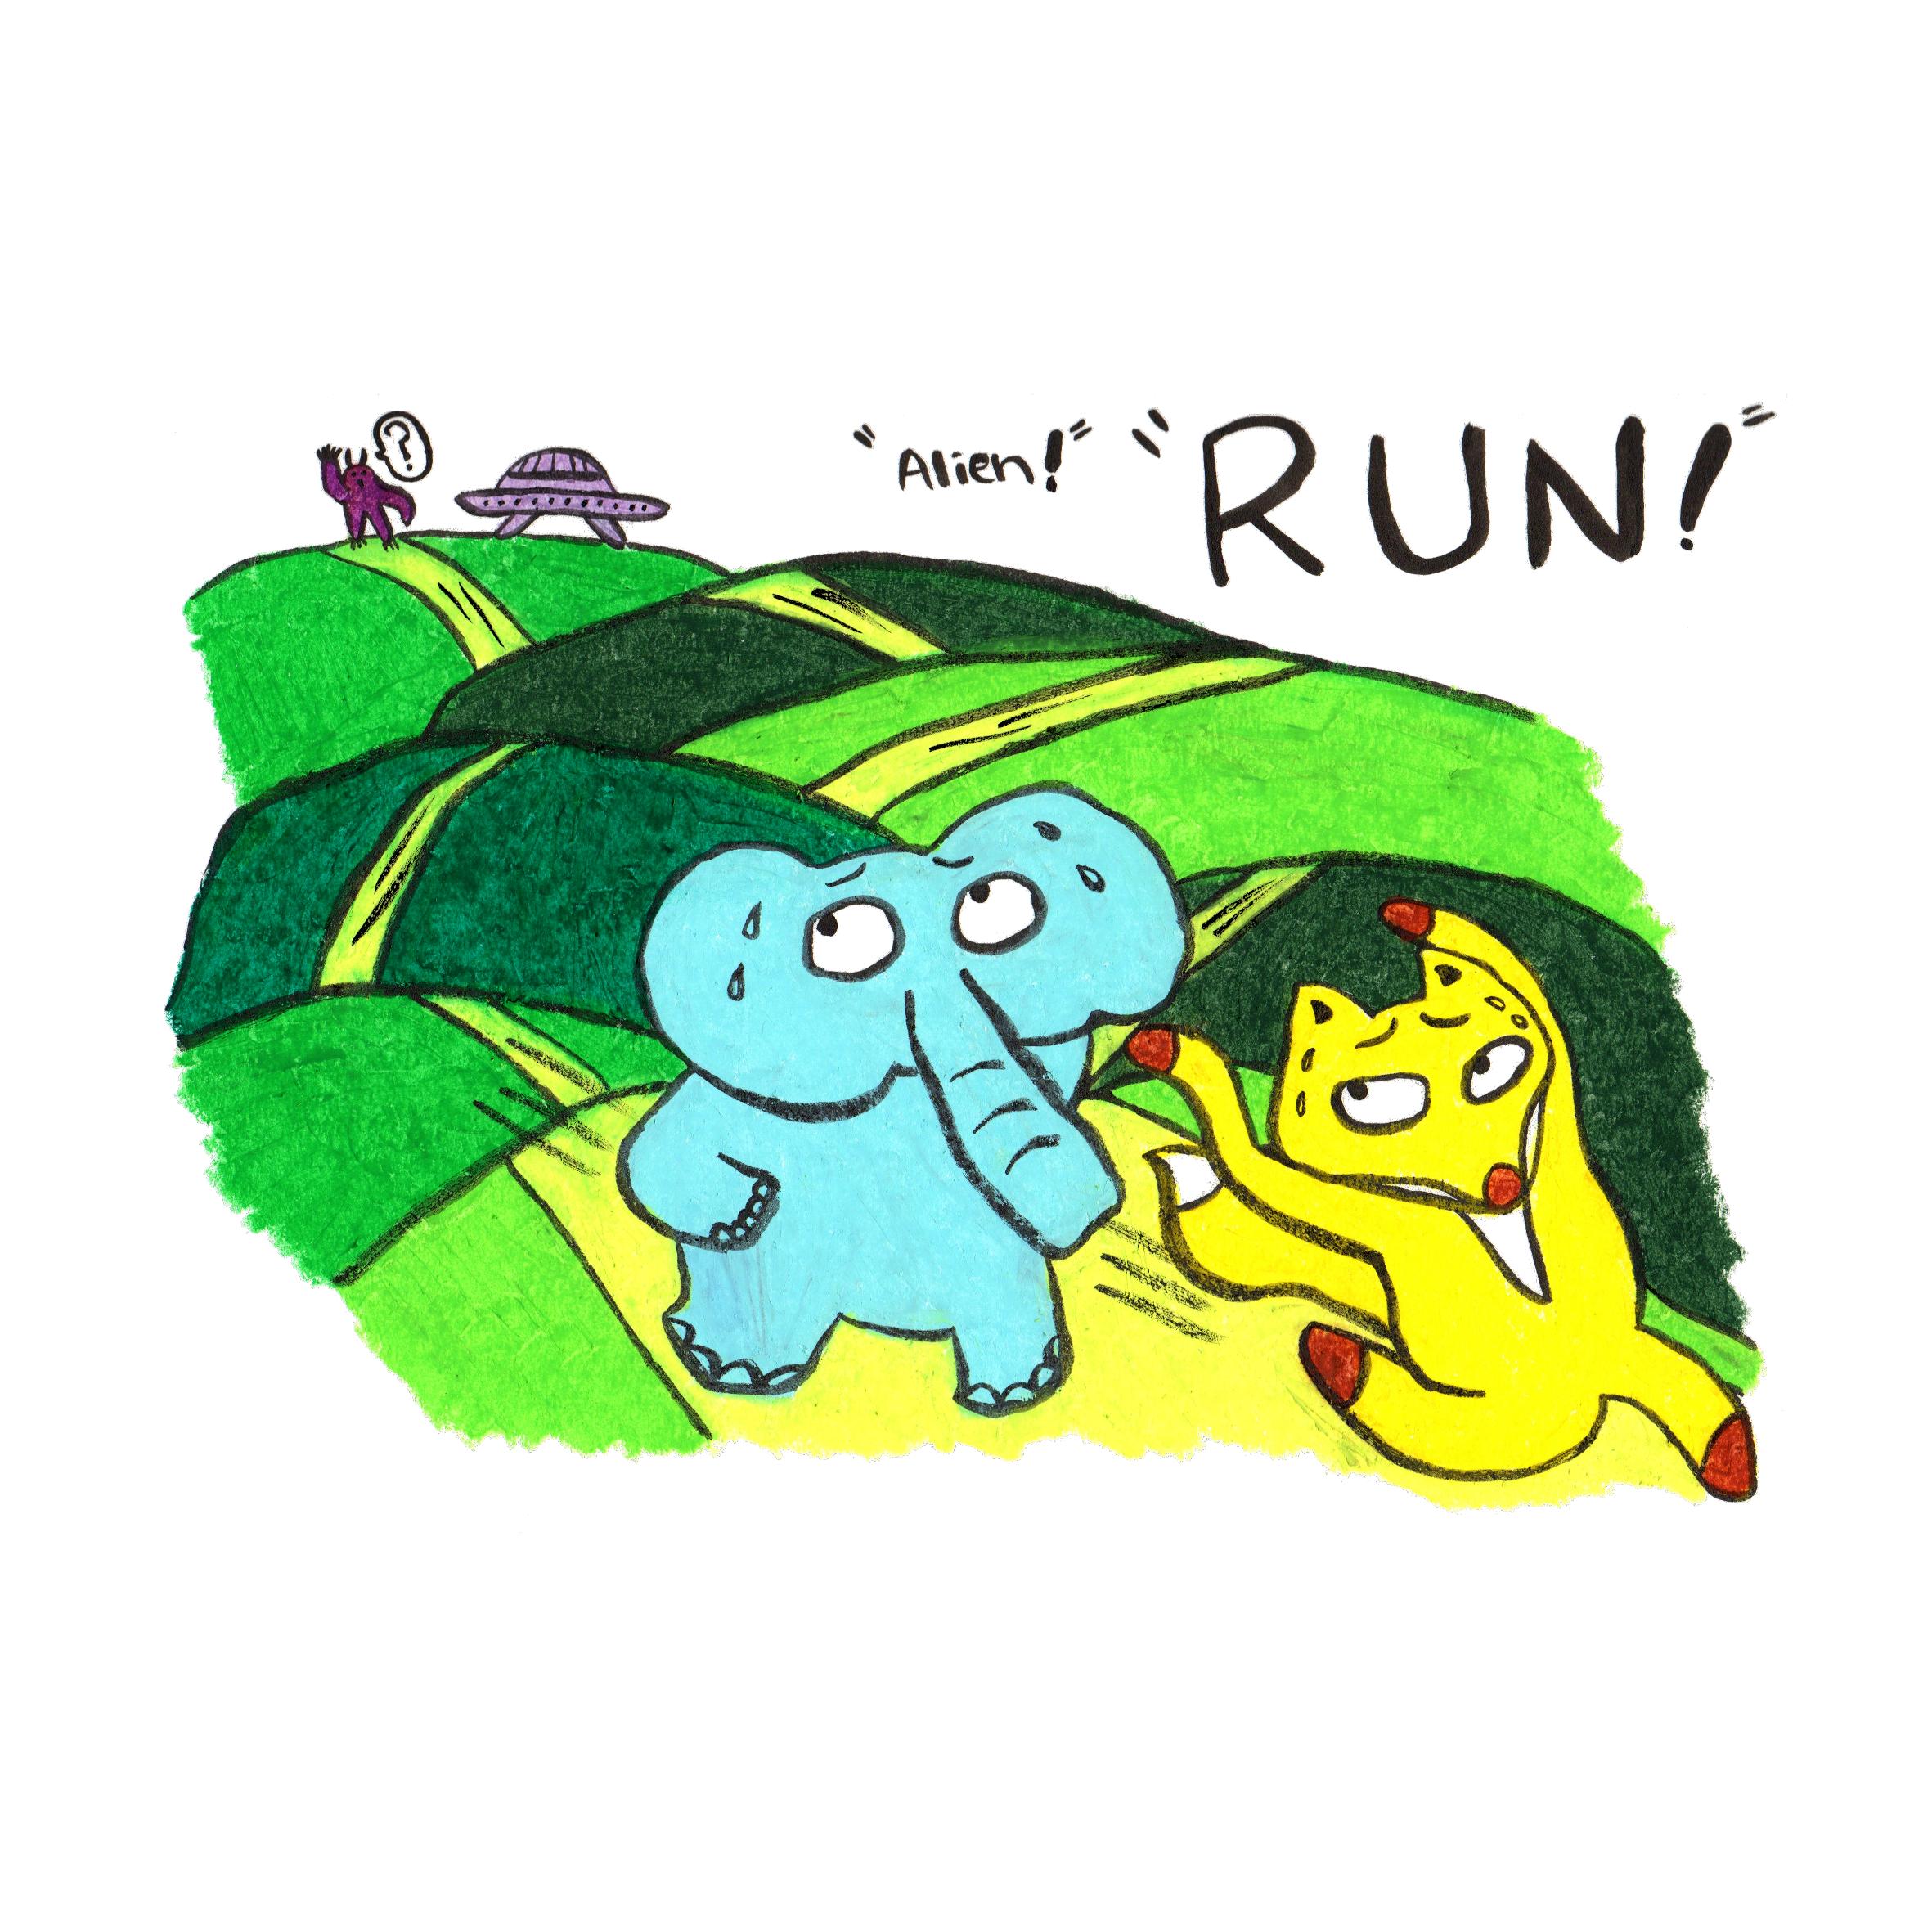 """""""Alien!"""" """"Run!"""""""